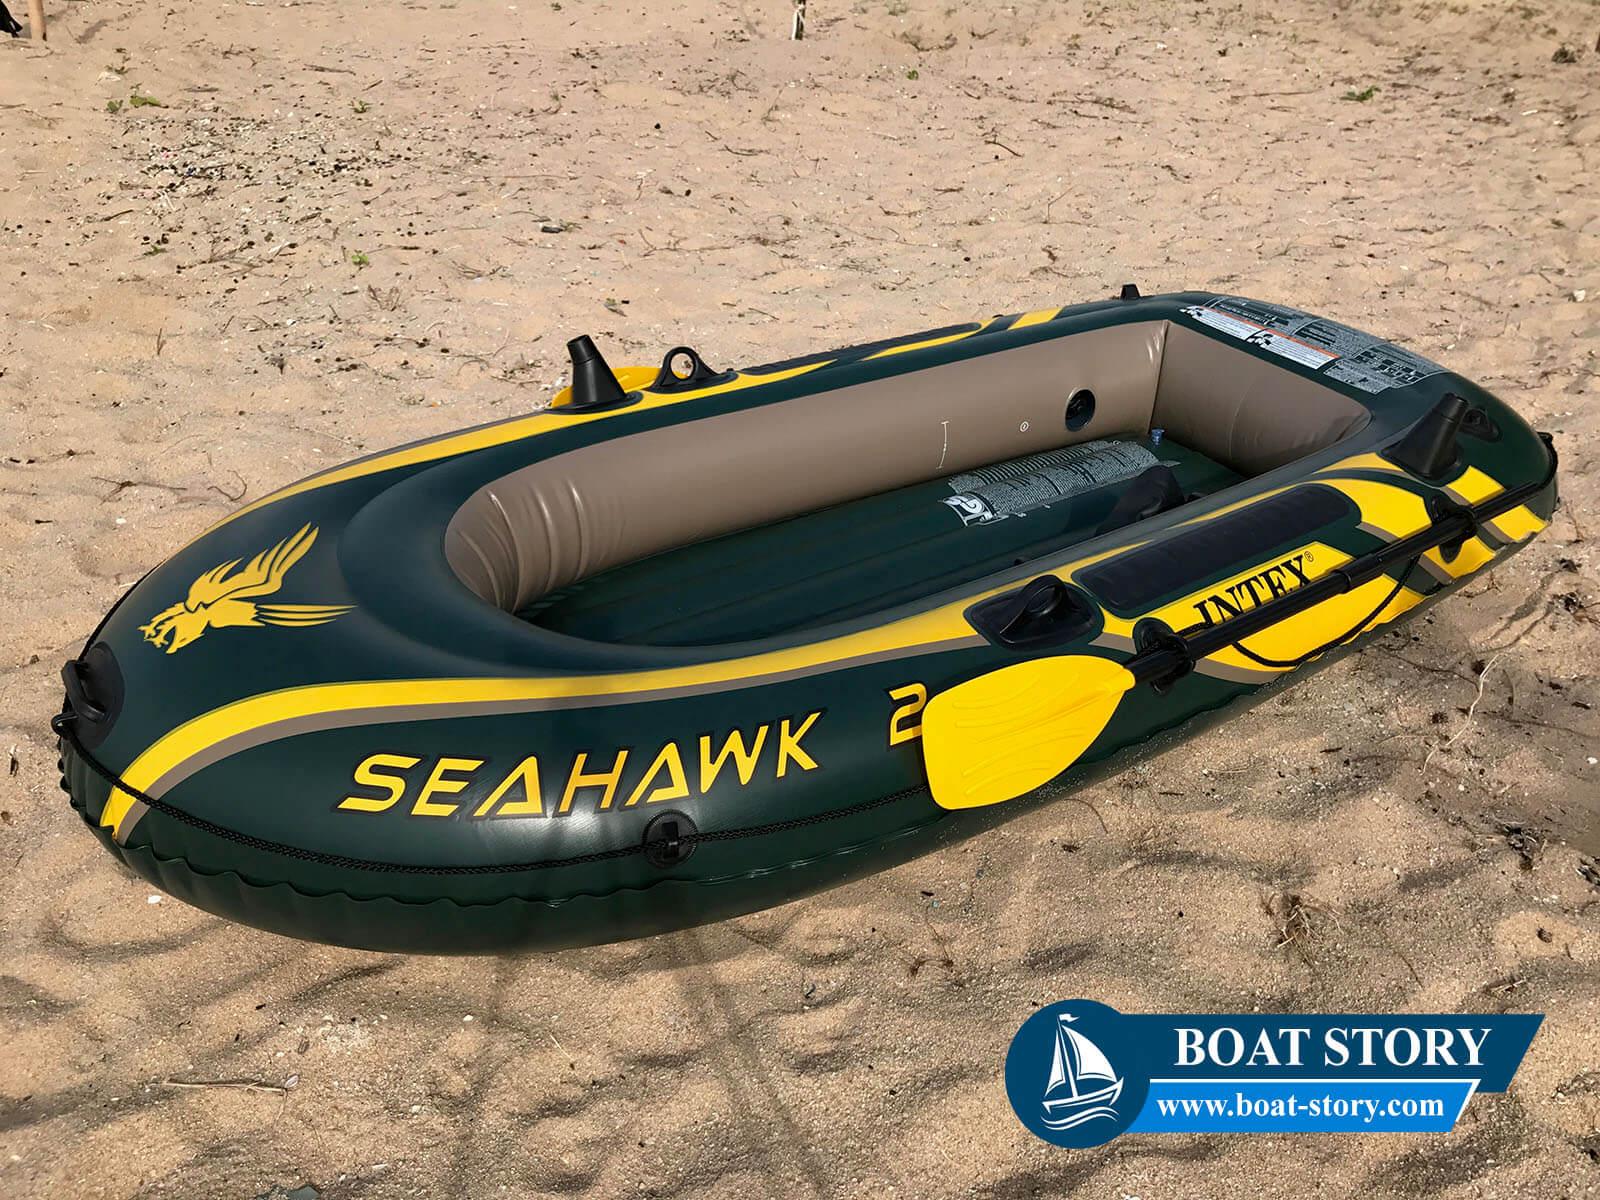 เรือยาง seahawk 2 intex 098